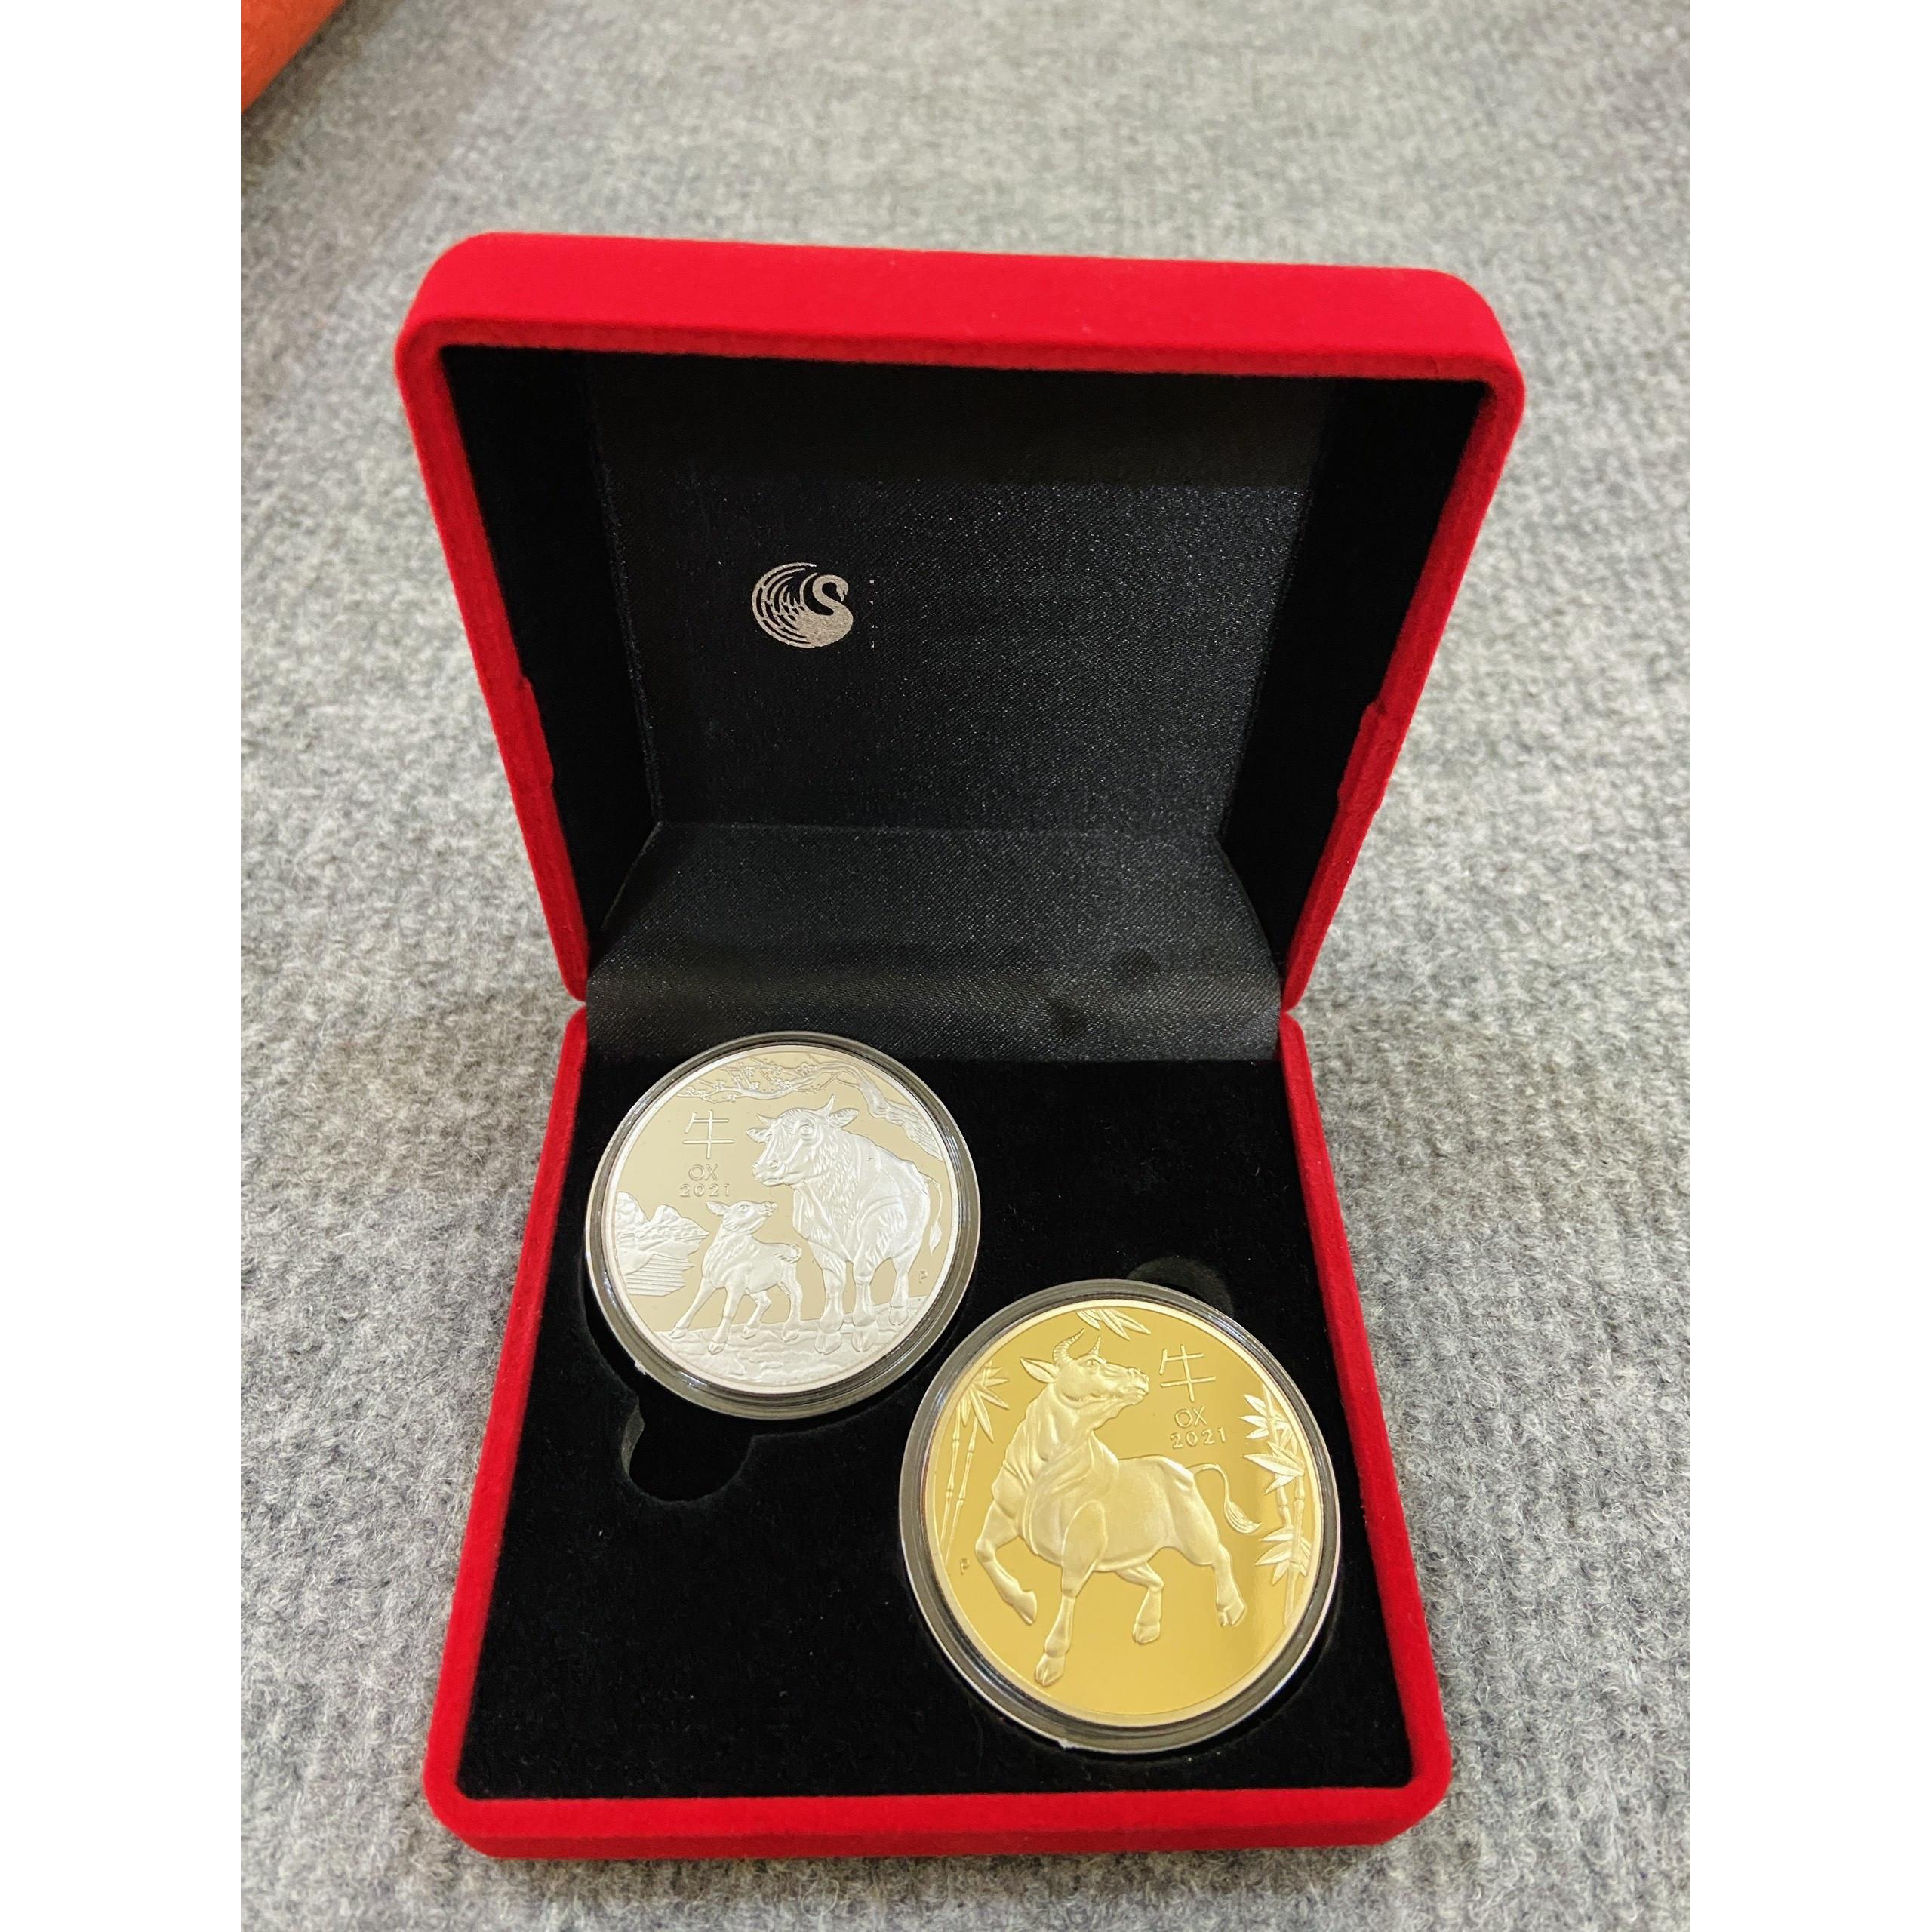 Cặp Đồng Xu Hình Con Trâu mạ màu vàng bạc 2021 úc tặng kèm hộp nhung đỏ, vật phẩm phong thủy cầu may mắn, làm quà tặng, tiền lì xì - The Merrick Mint - PVN2789